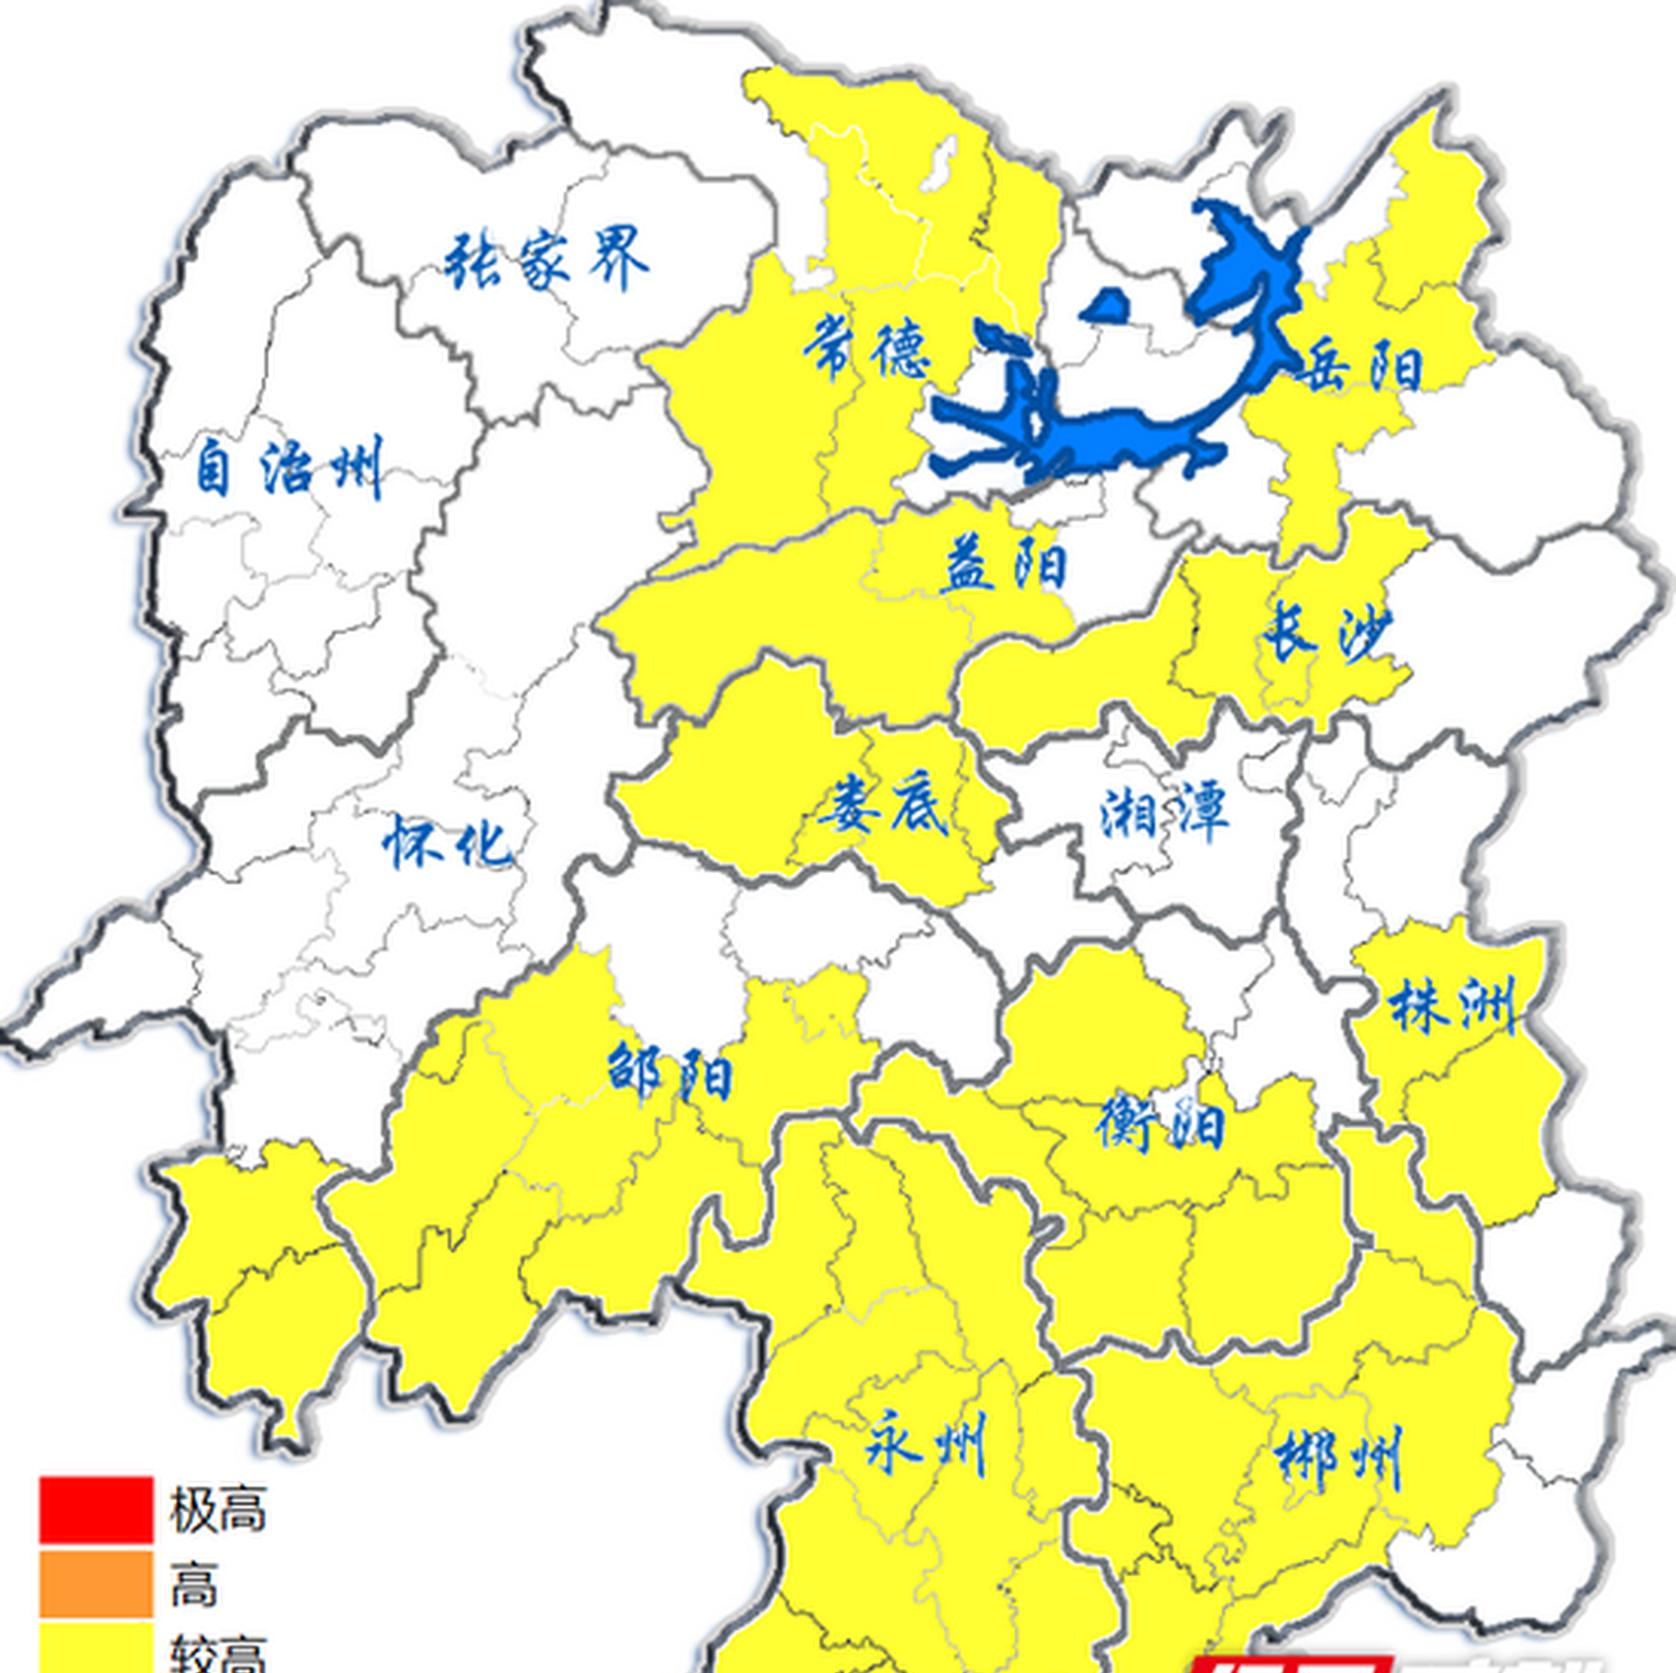 湖南省森林防灭火指挥部发布森林火险黄色预警